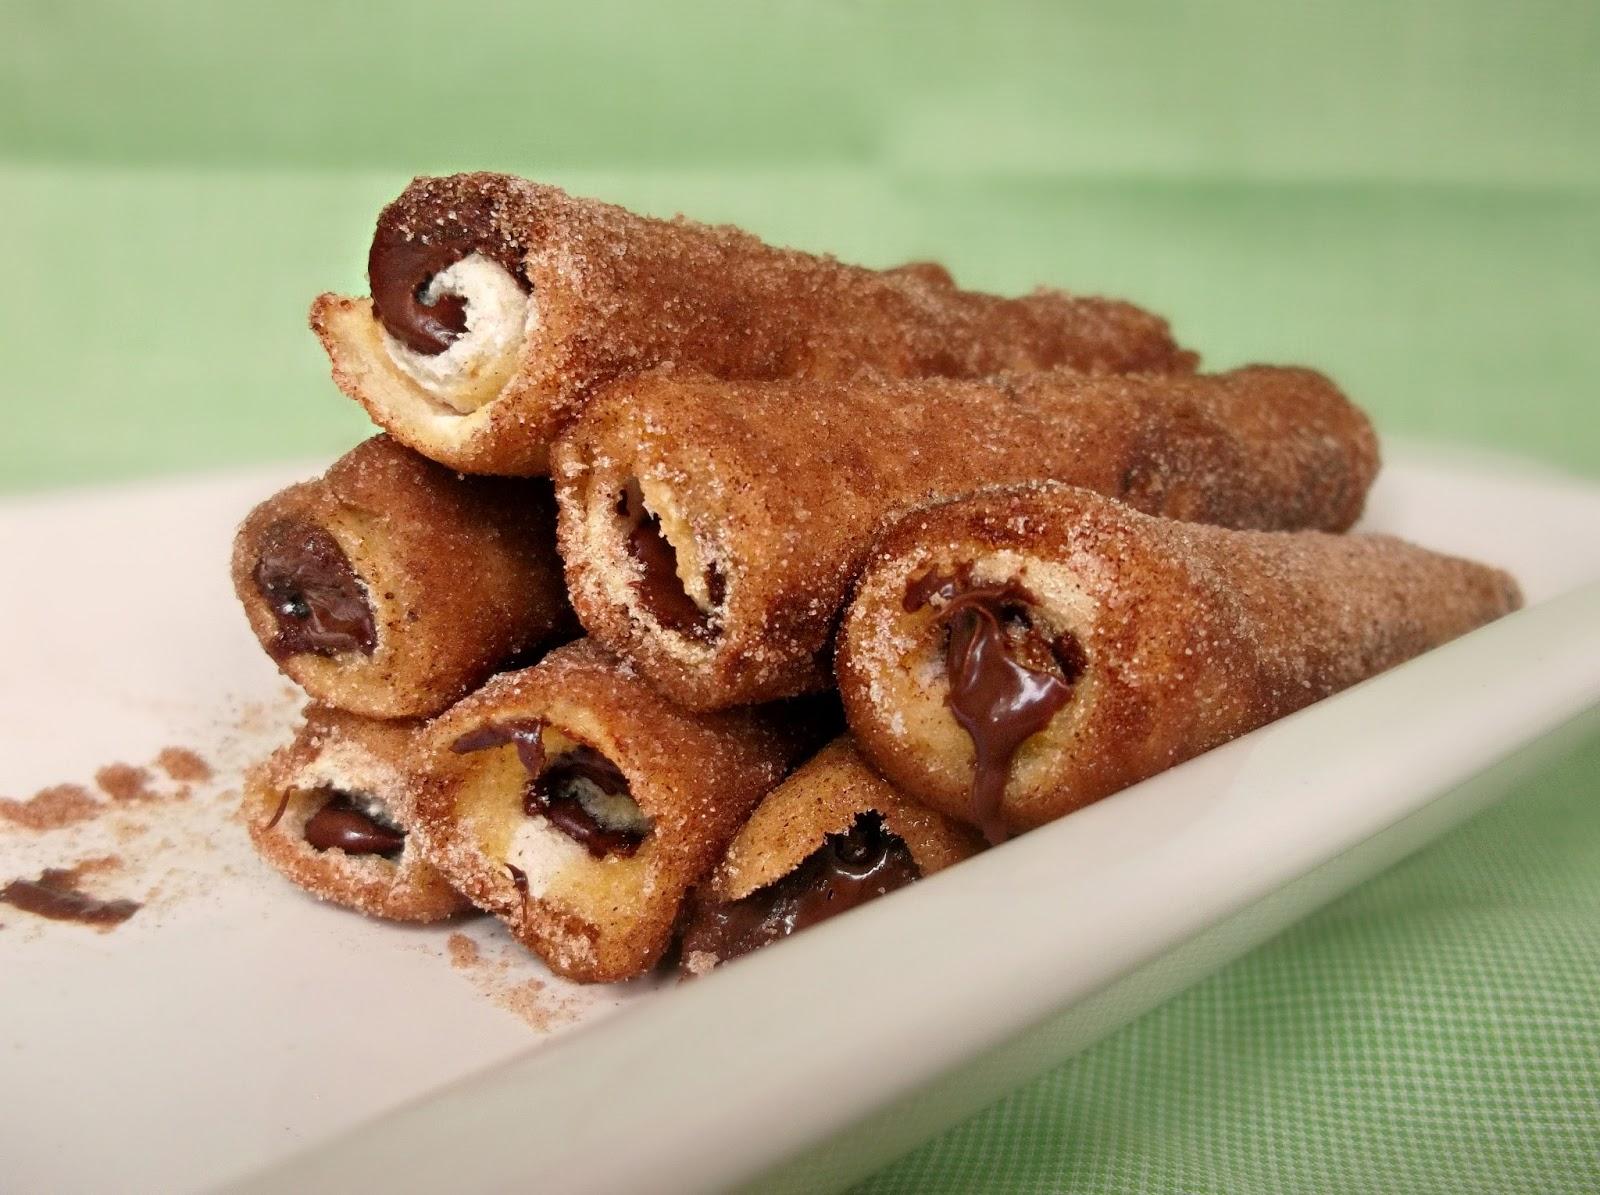 Nutella French Rolls With Cinnamon Sugar